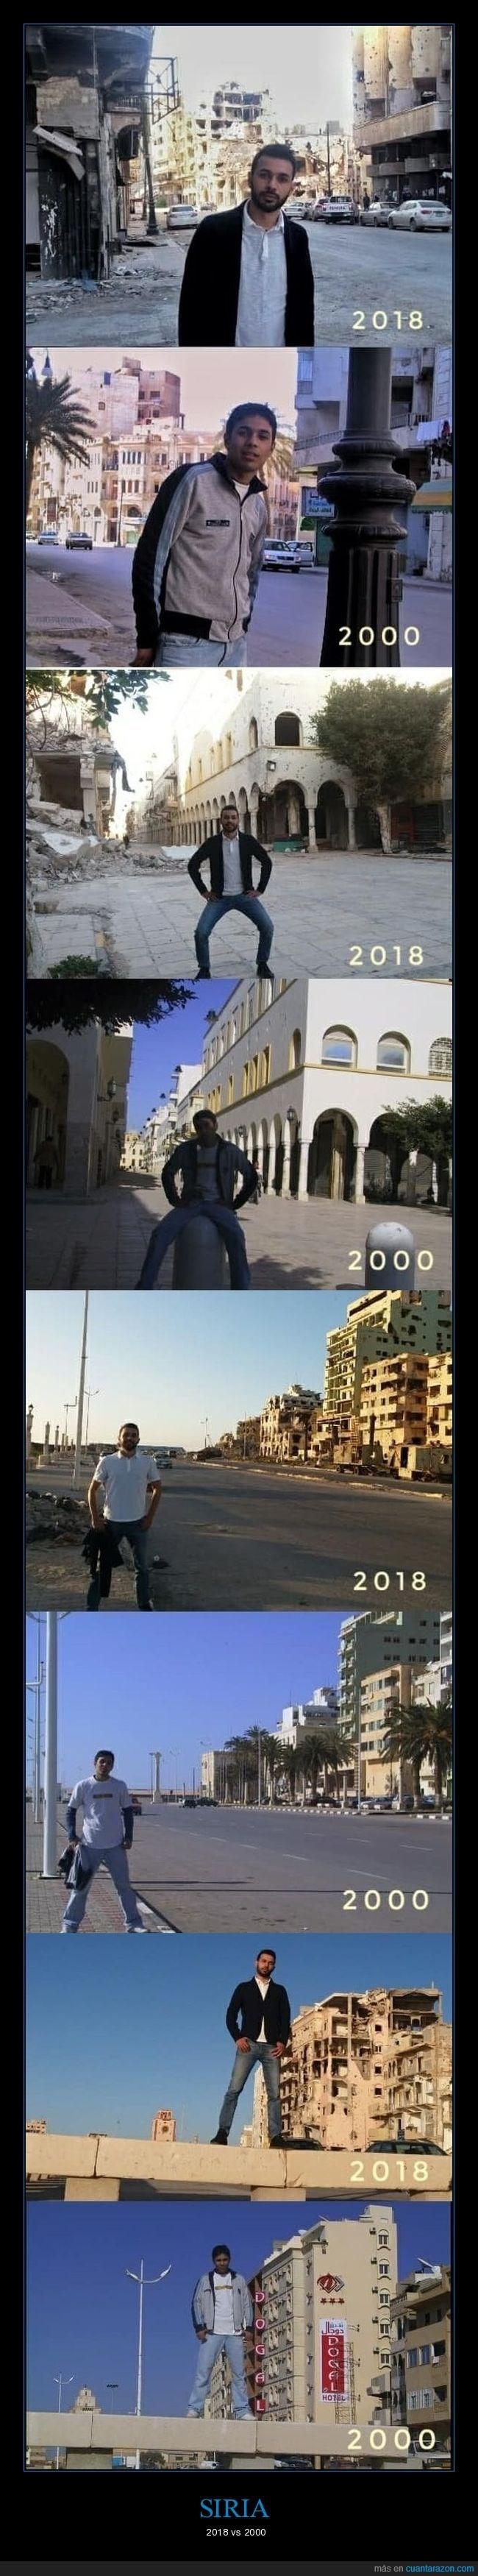 fotos de Benghazi Siria en 2000 y 2018